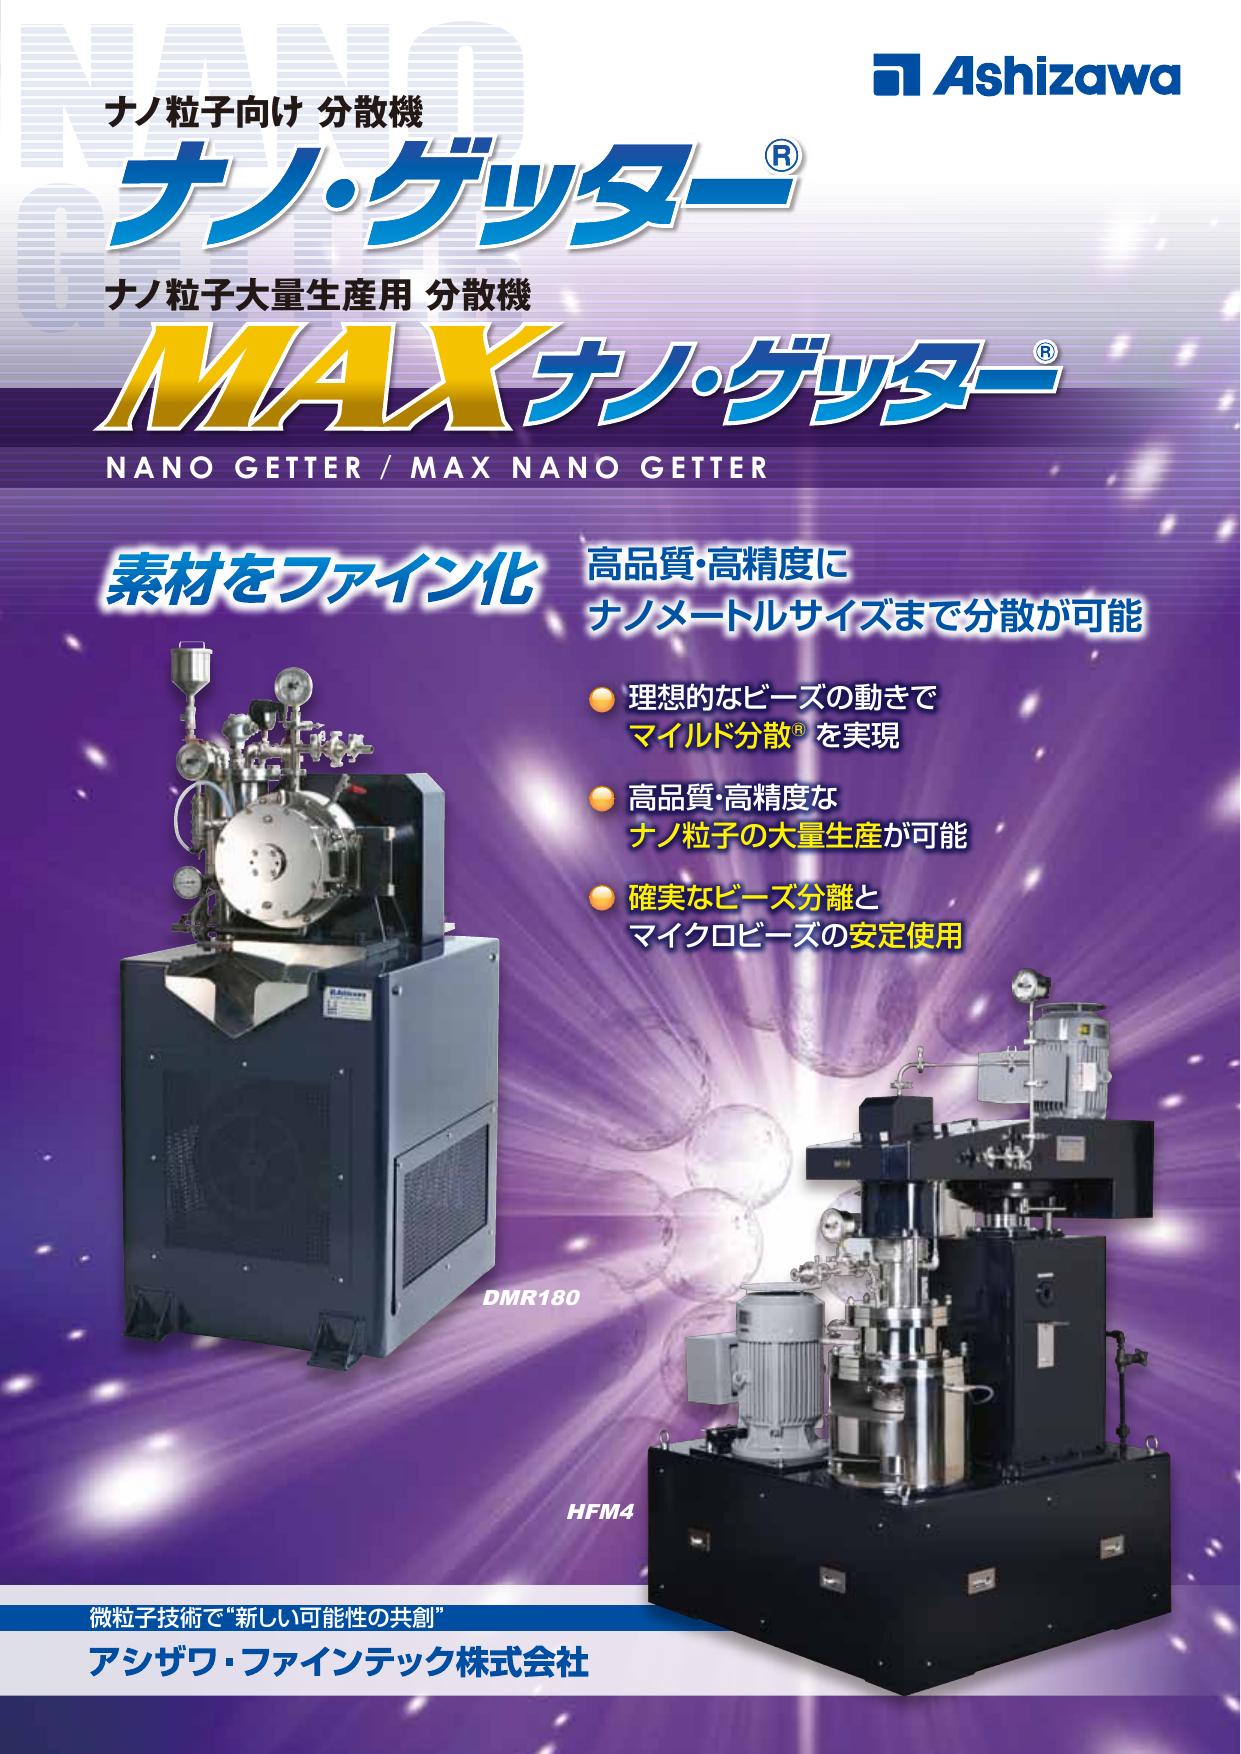 ナノ粒子向け分散機 ナノ・ゲッター(R) / MAX ナノ・ゲッター(R)